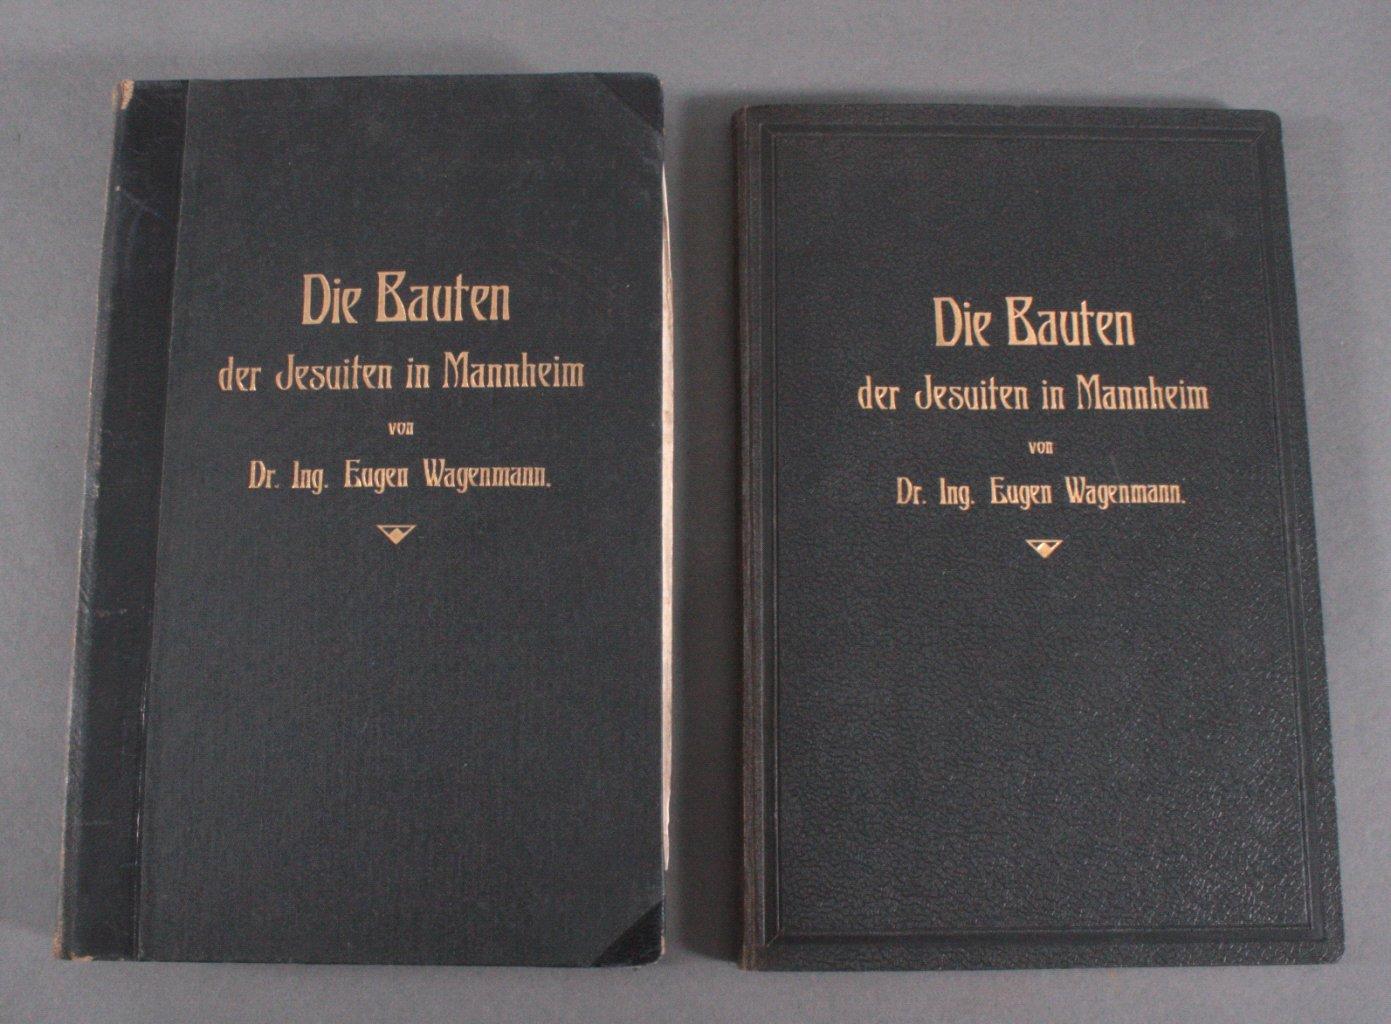 Dr. Eugen Wagenmann, Dissertation, Privatfotos etc.-4